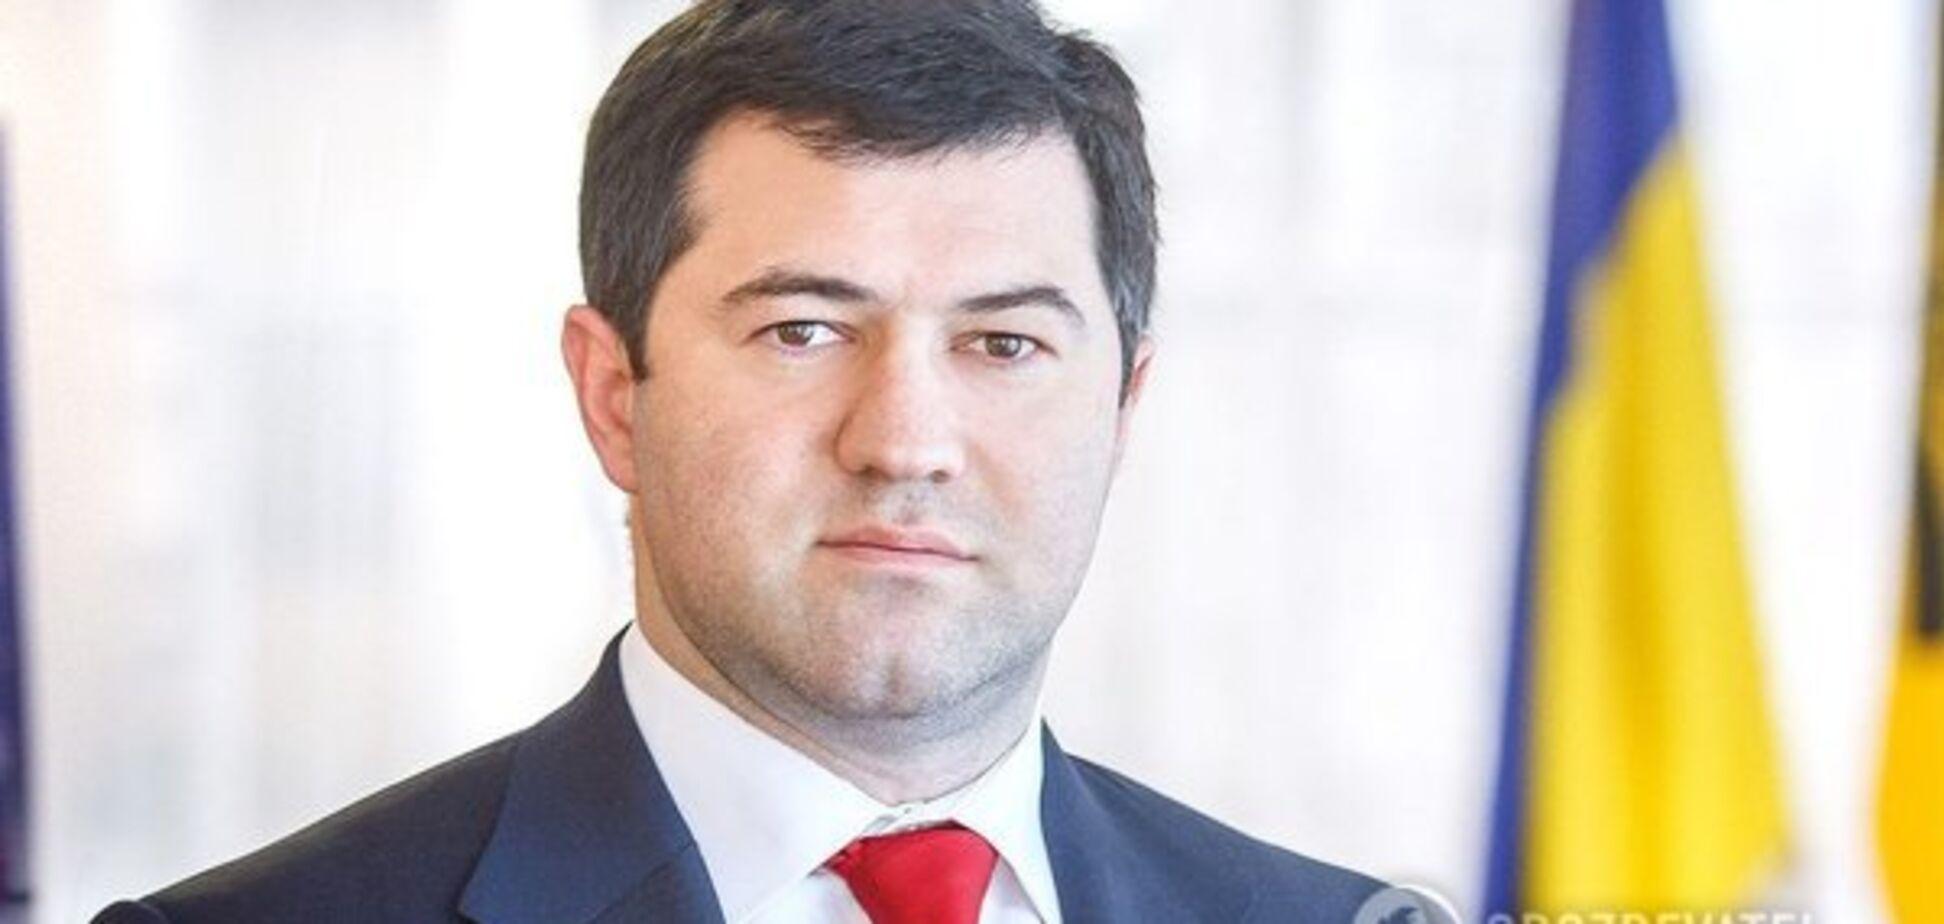 ''Неуважение к демократии!'' Известный адвокат разгромил незаконное увольнение Насирова